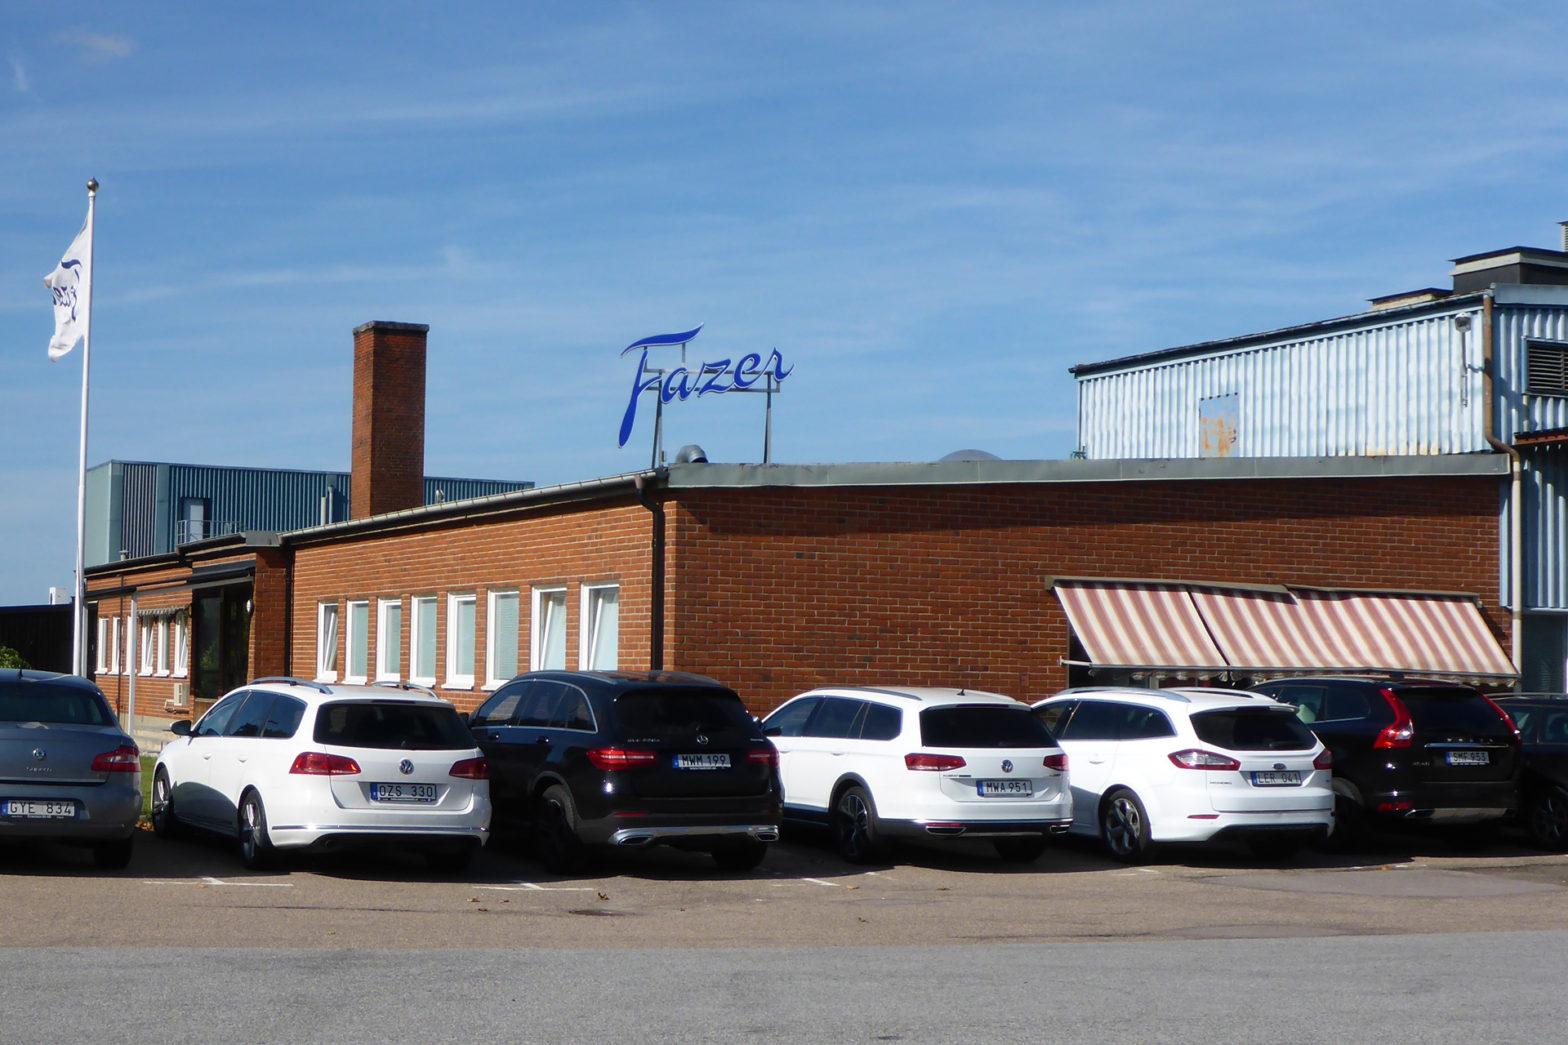 Fazer stänger bageri – 69 anställda avskedas